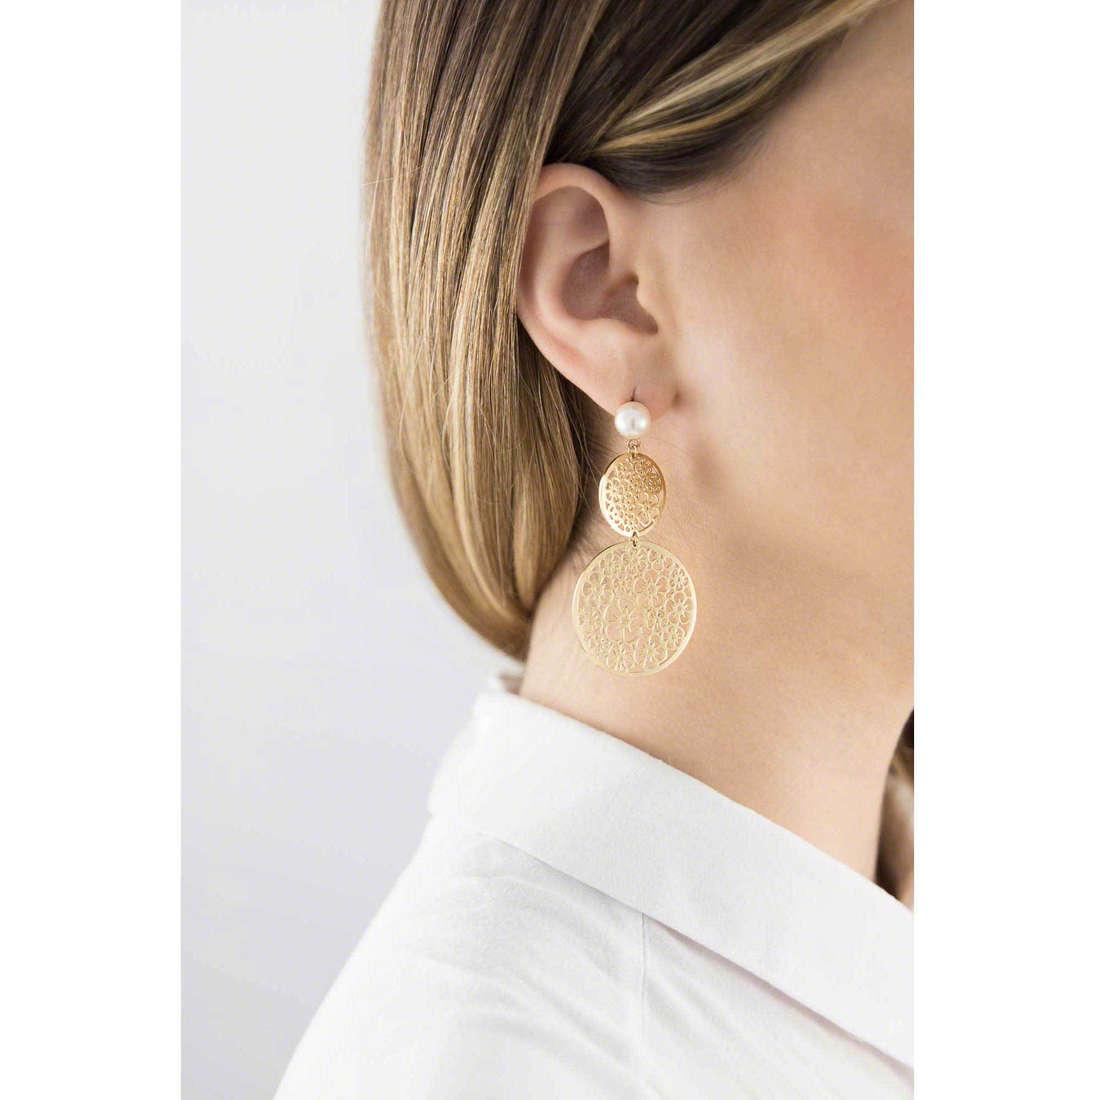 Brosway orecchini Mademoiselle donna BIS21 indosso